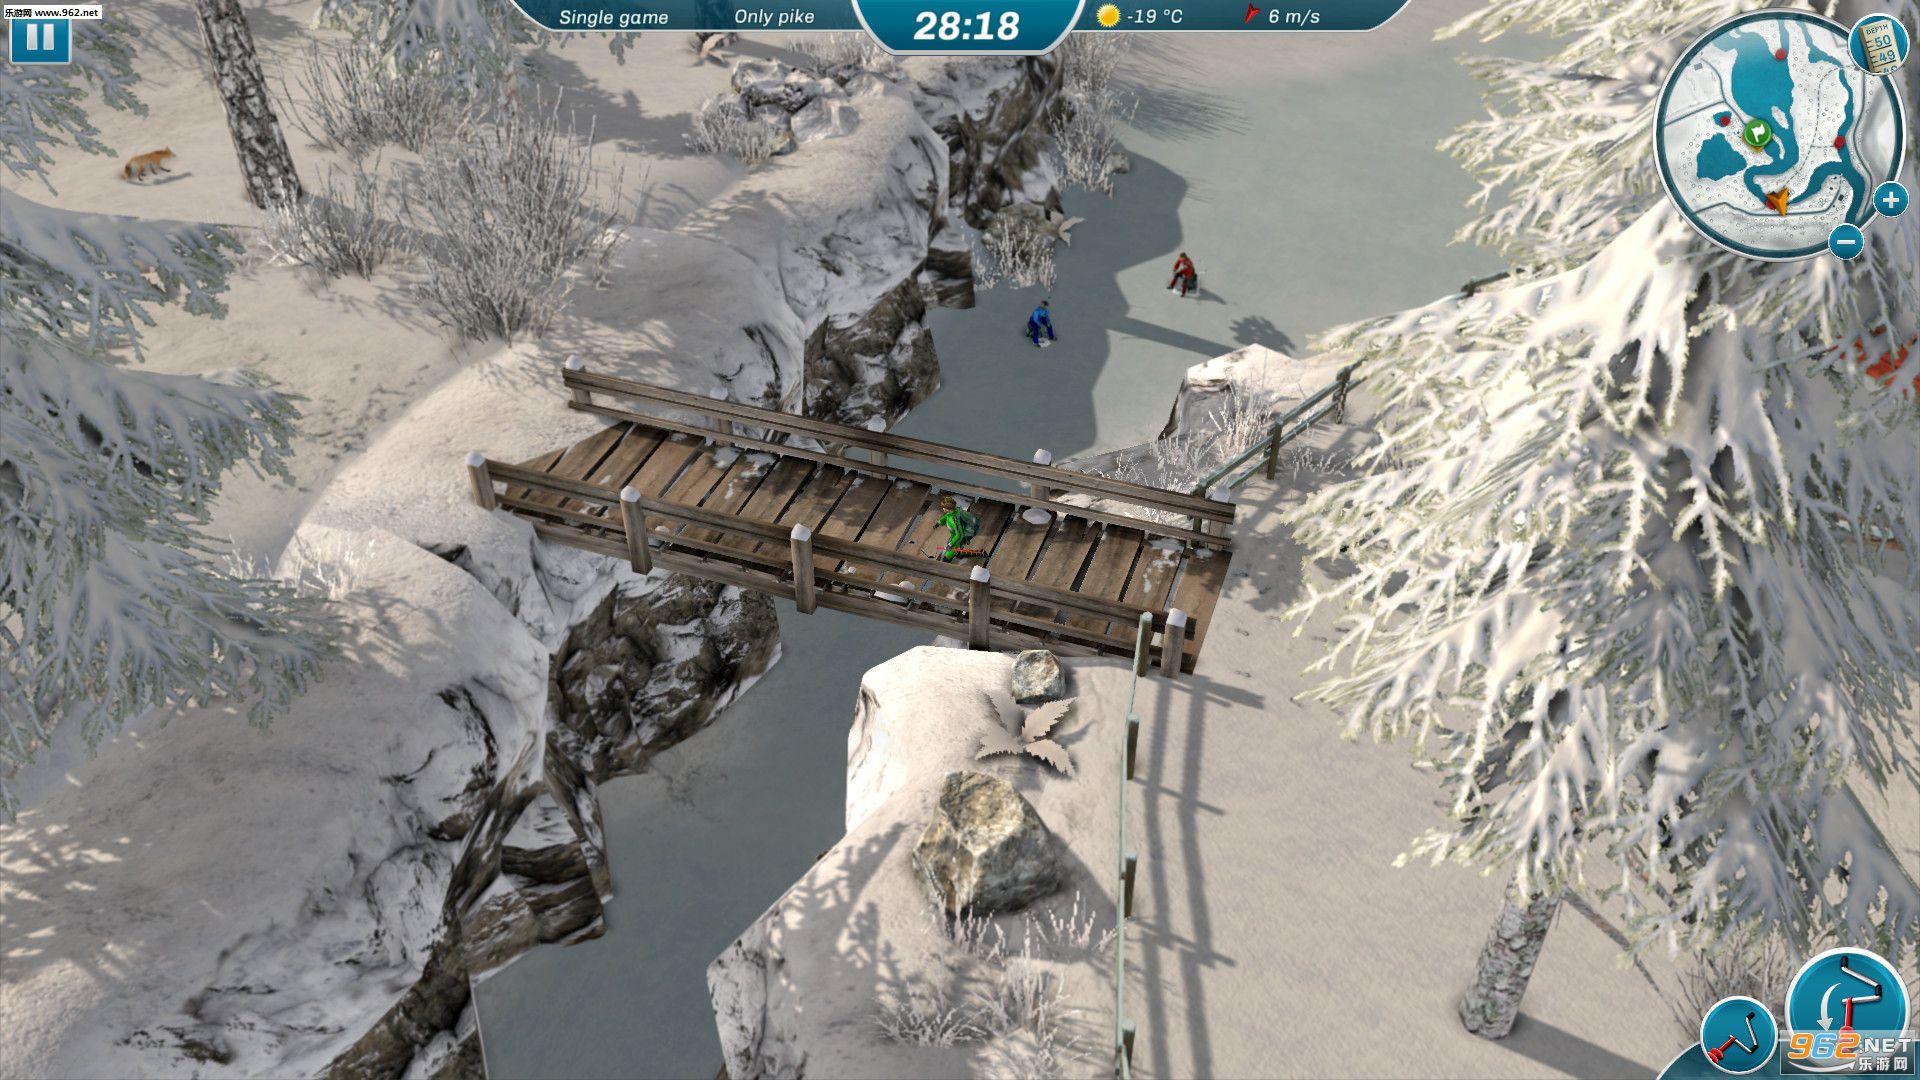 冰湖钓鱼截图2